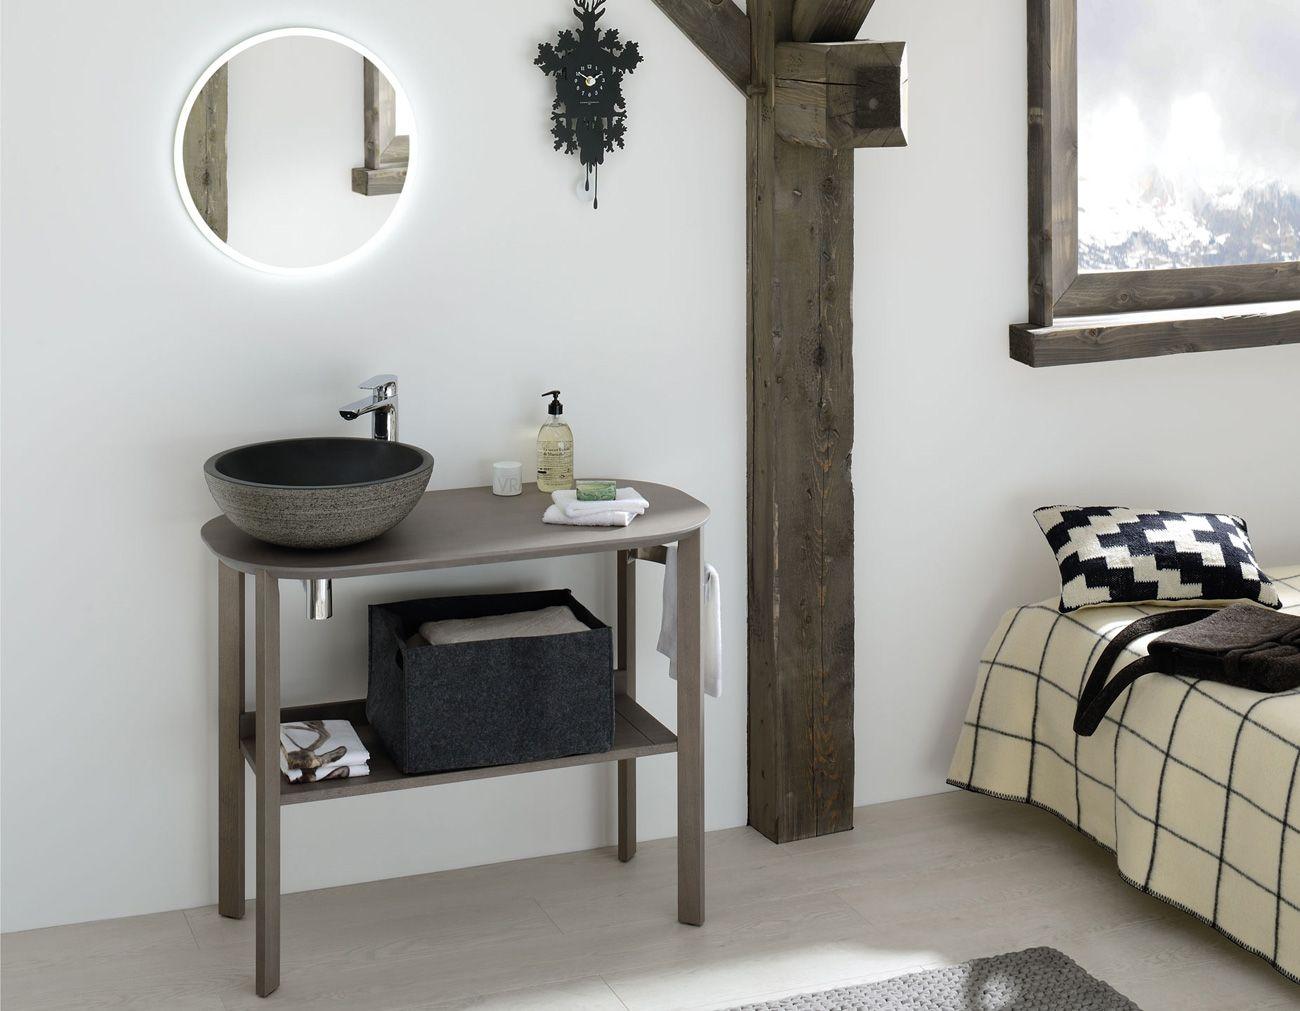 Meuble salle de bains en ch ne massif avec vasque poser Meuble vasque pour petite salle de bain